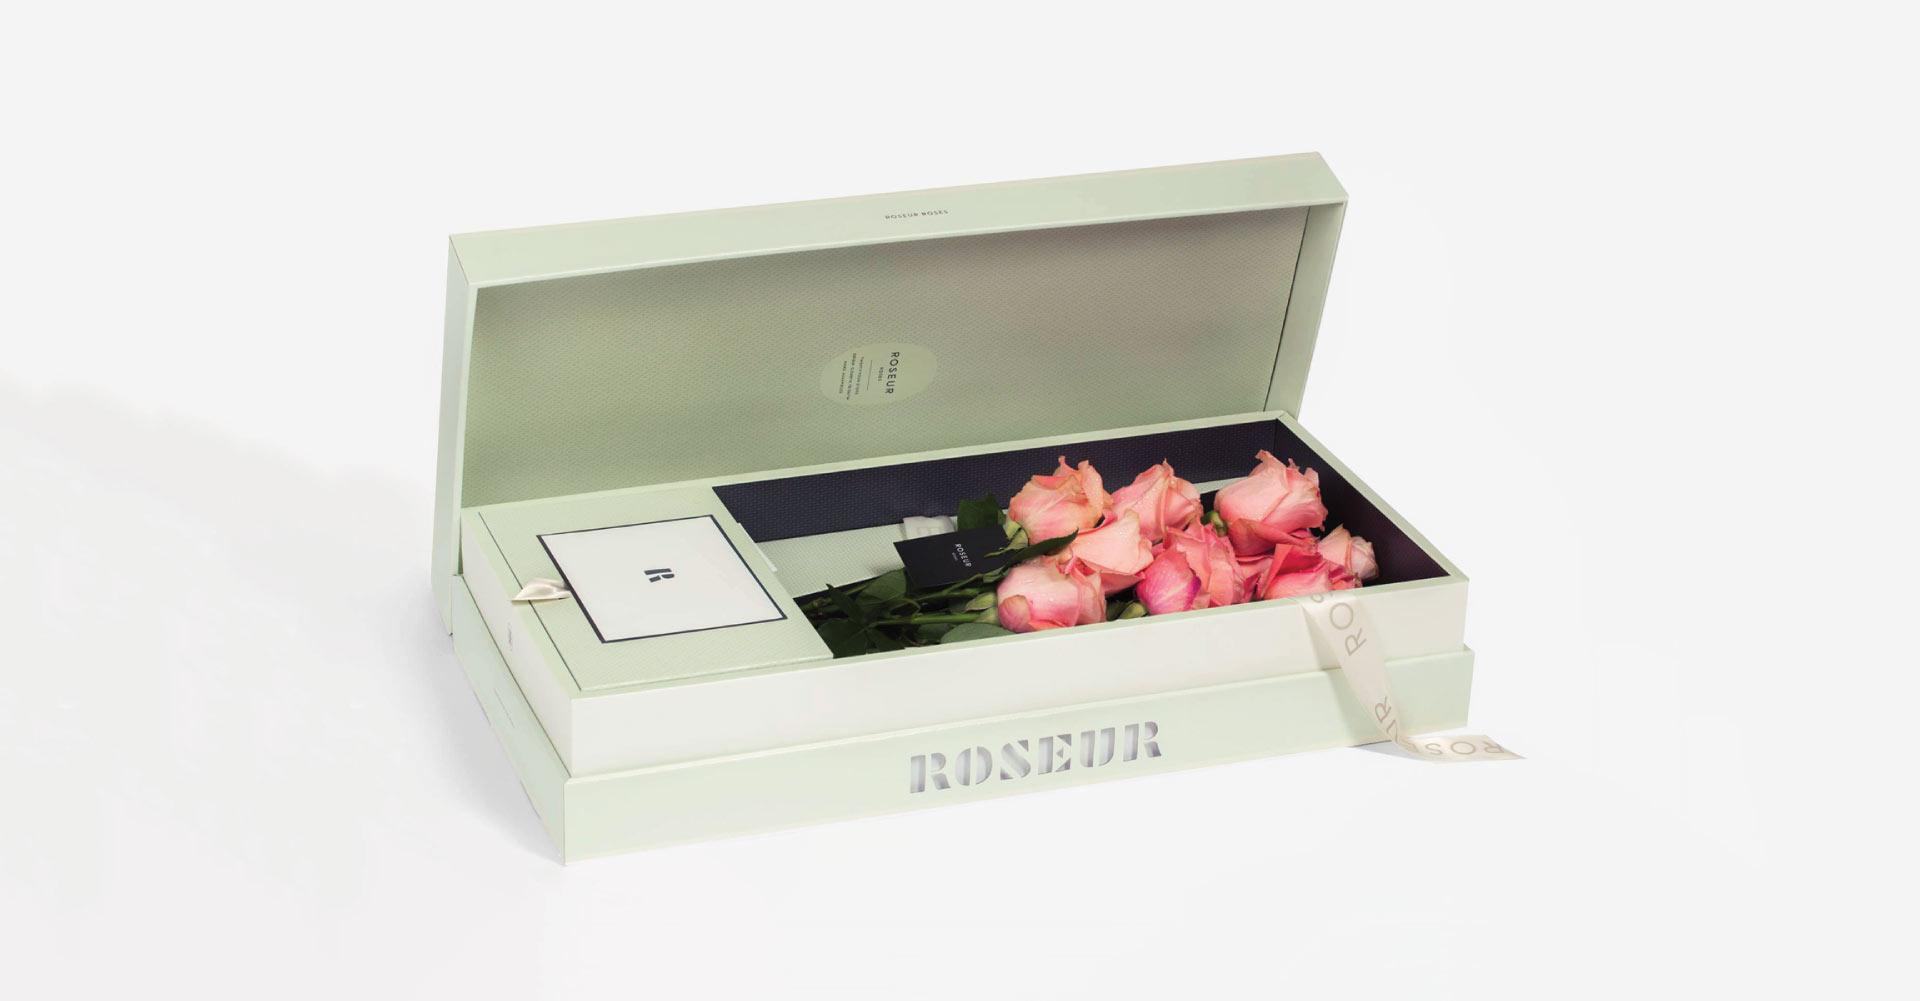 Creative_Retail_Packaging_Custom_Luxury_Packaging_Design_Roseur-04.jpg